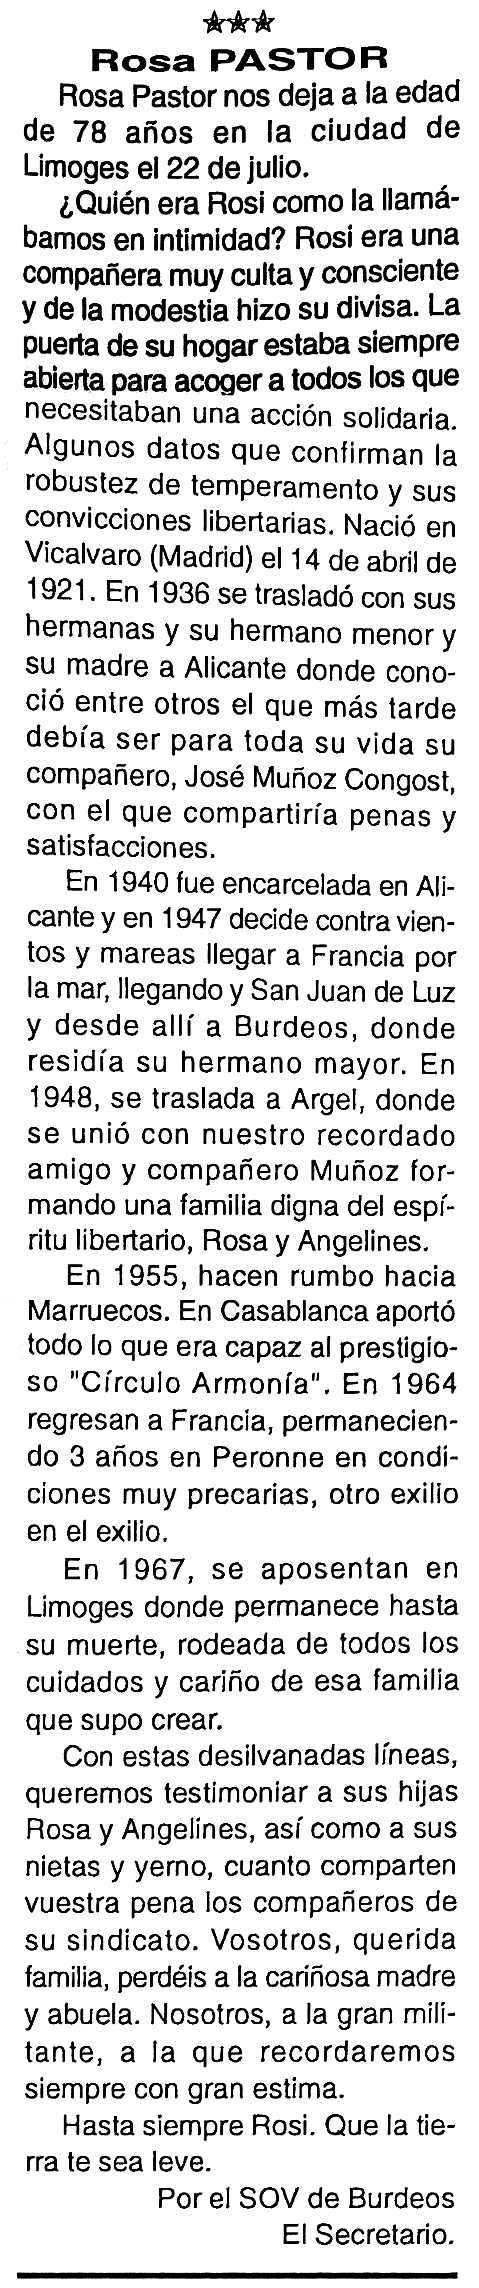 """Necrològica de Rosa Pastor Vicario apareguda en el periòdic tolosà """"Cenit"""" del 28 de setembre de 1999"""